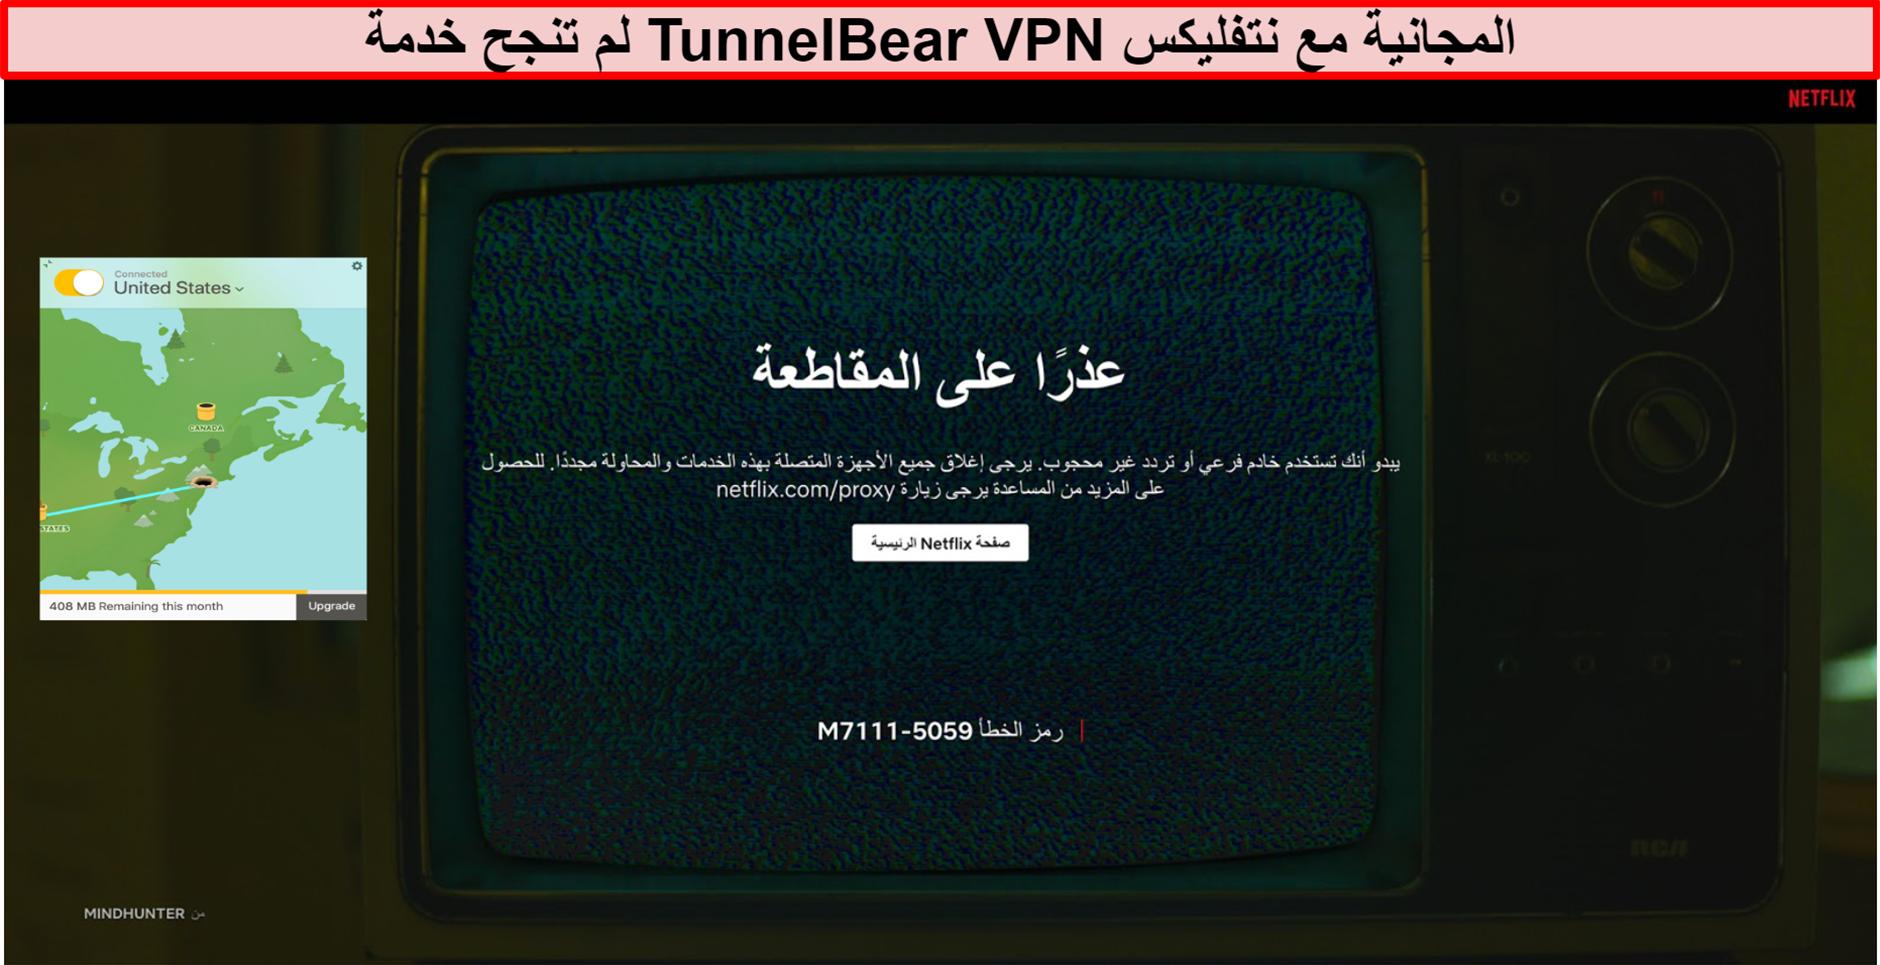 لقطة شاشة لـ TunnelBear VPN متصلة بالولايات المتحدة مع Netflix تعرض رسالة إلغاء حظر أو خطأ الوكيل